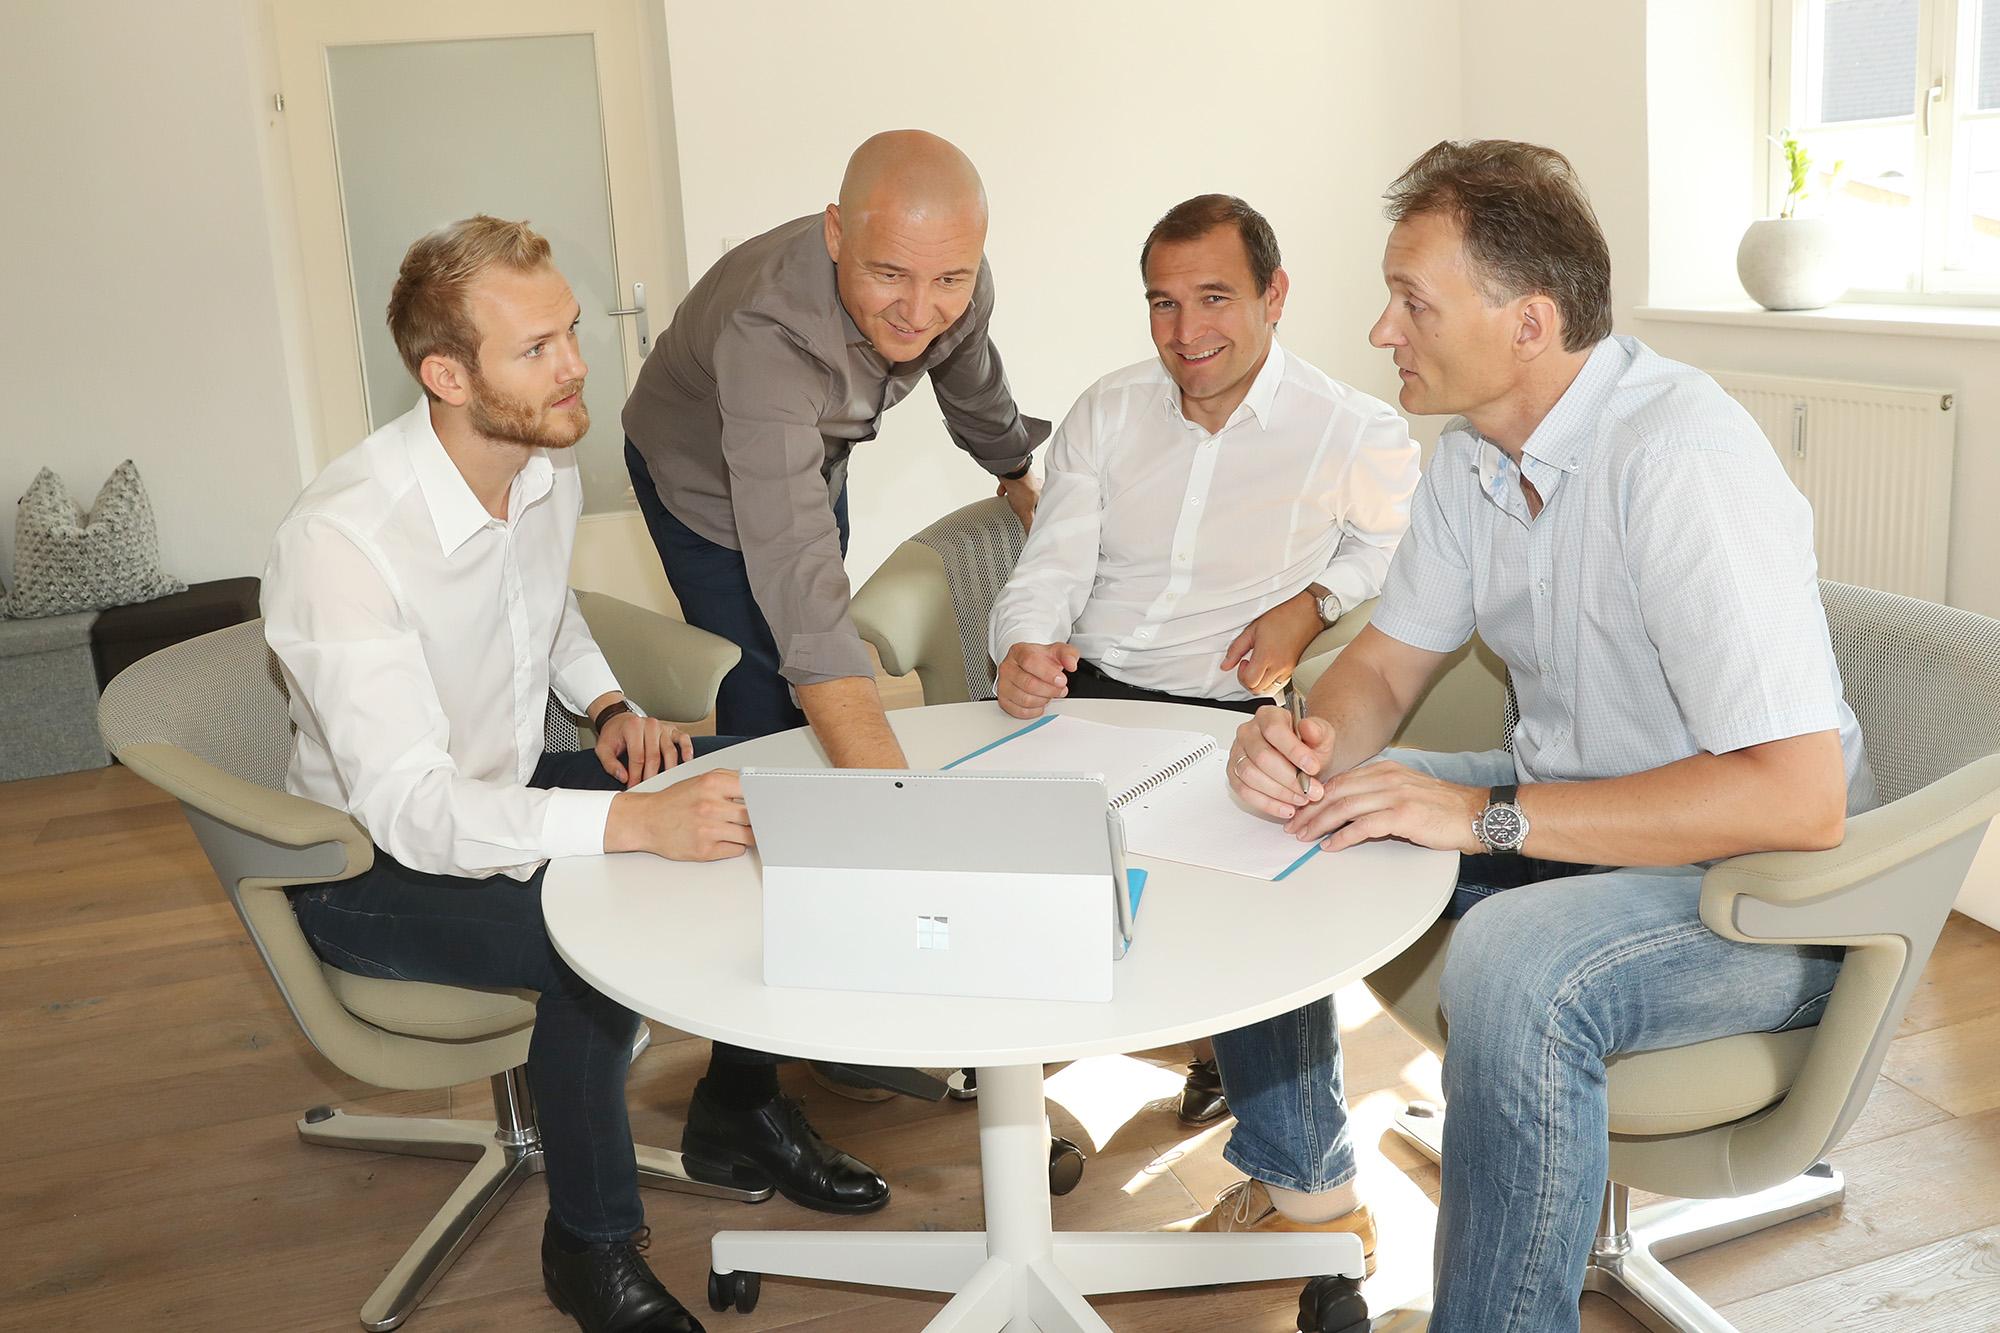 Kommunikation, Verkauf, verkaufen, verhandeln, Seminar, Team, Führung, Management, Ziel, IAK